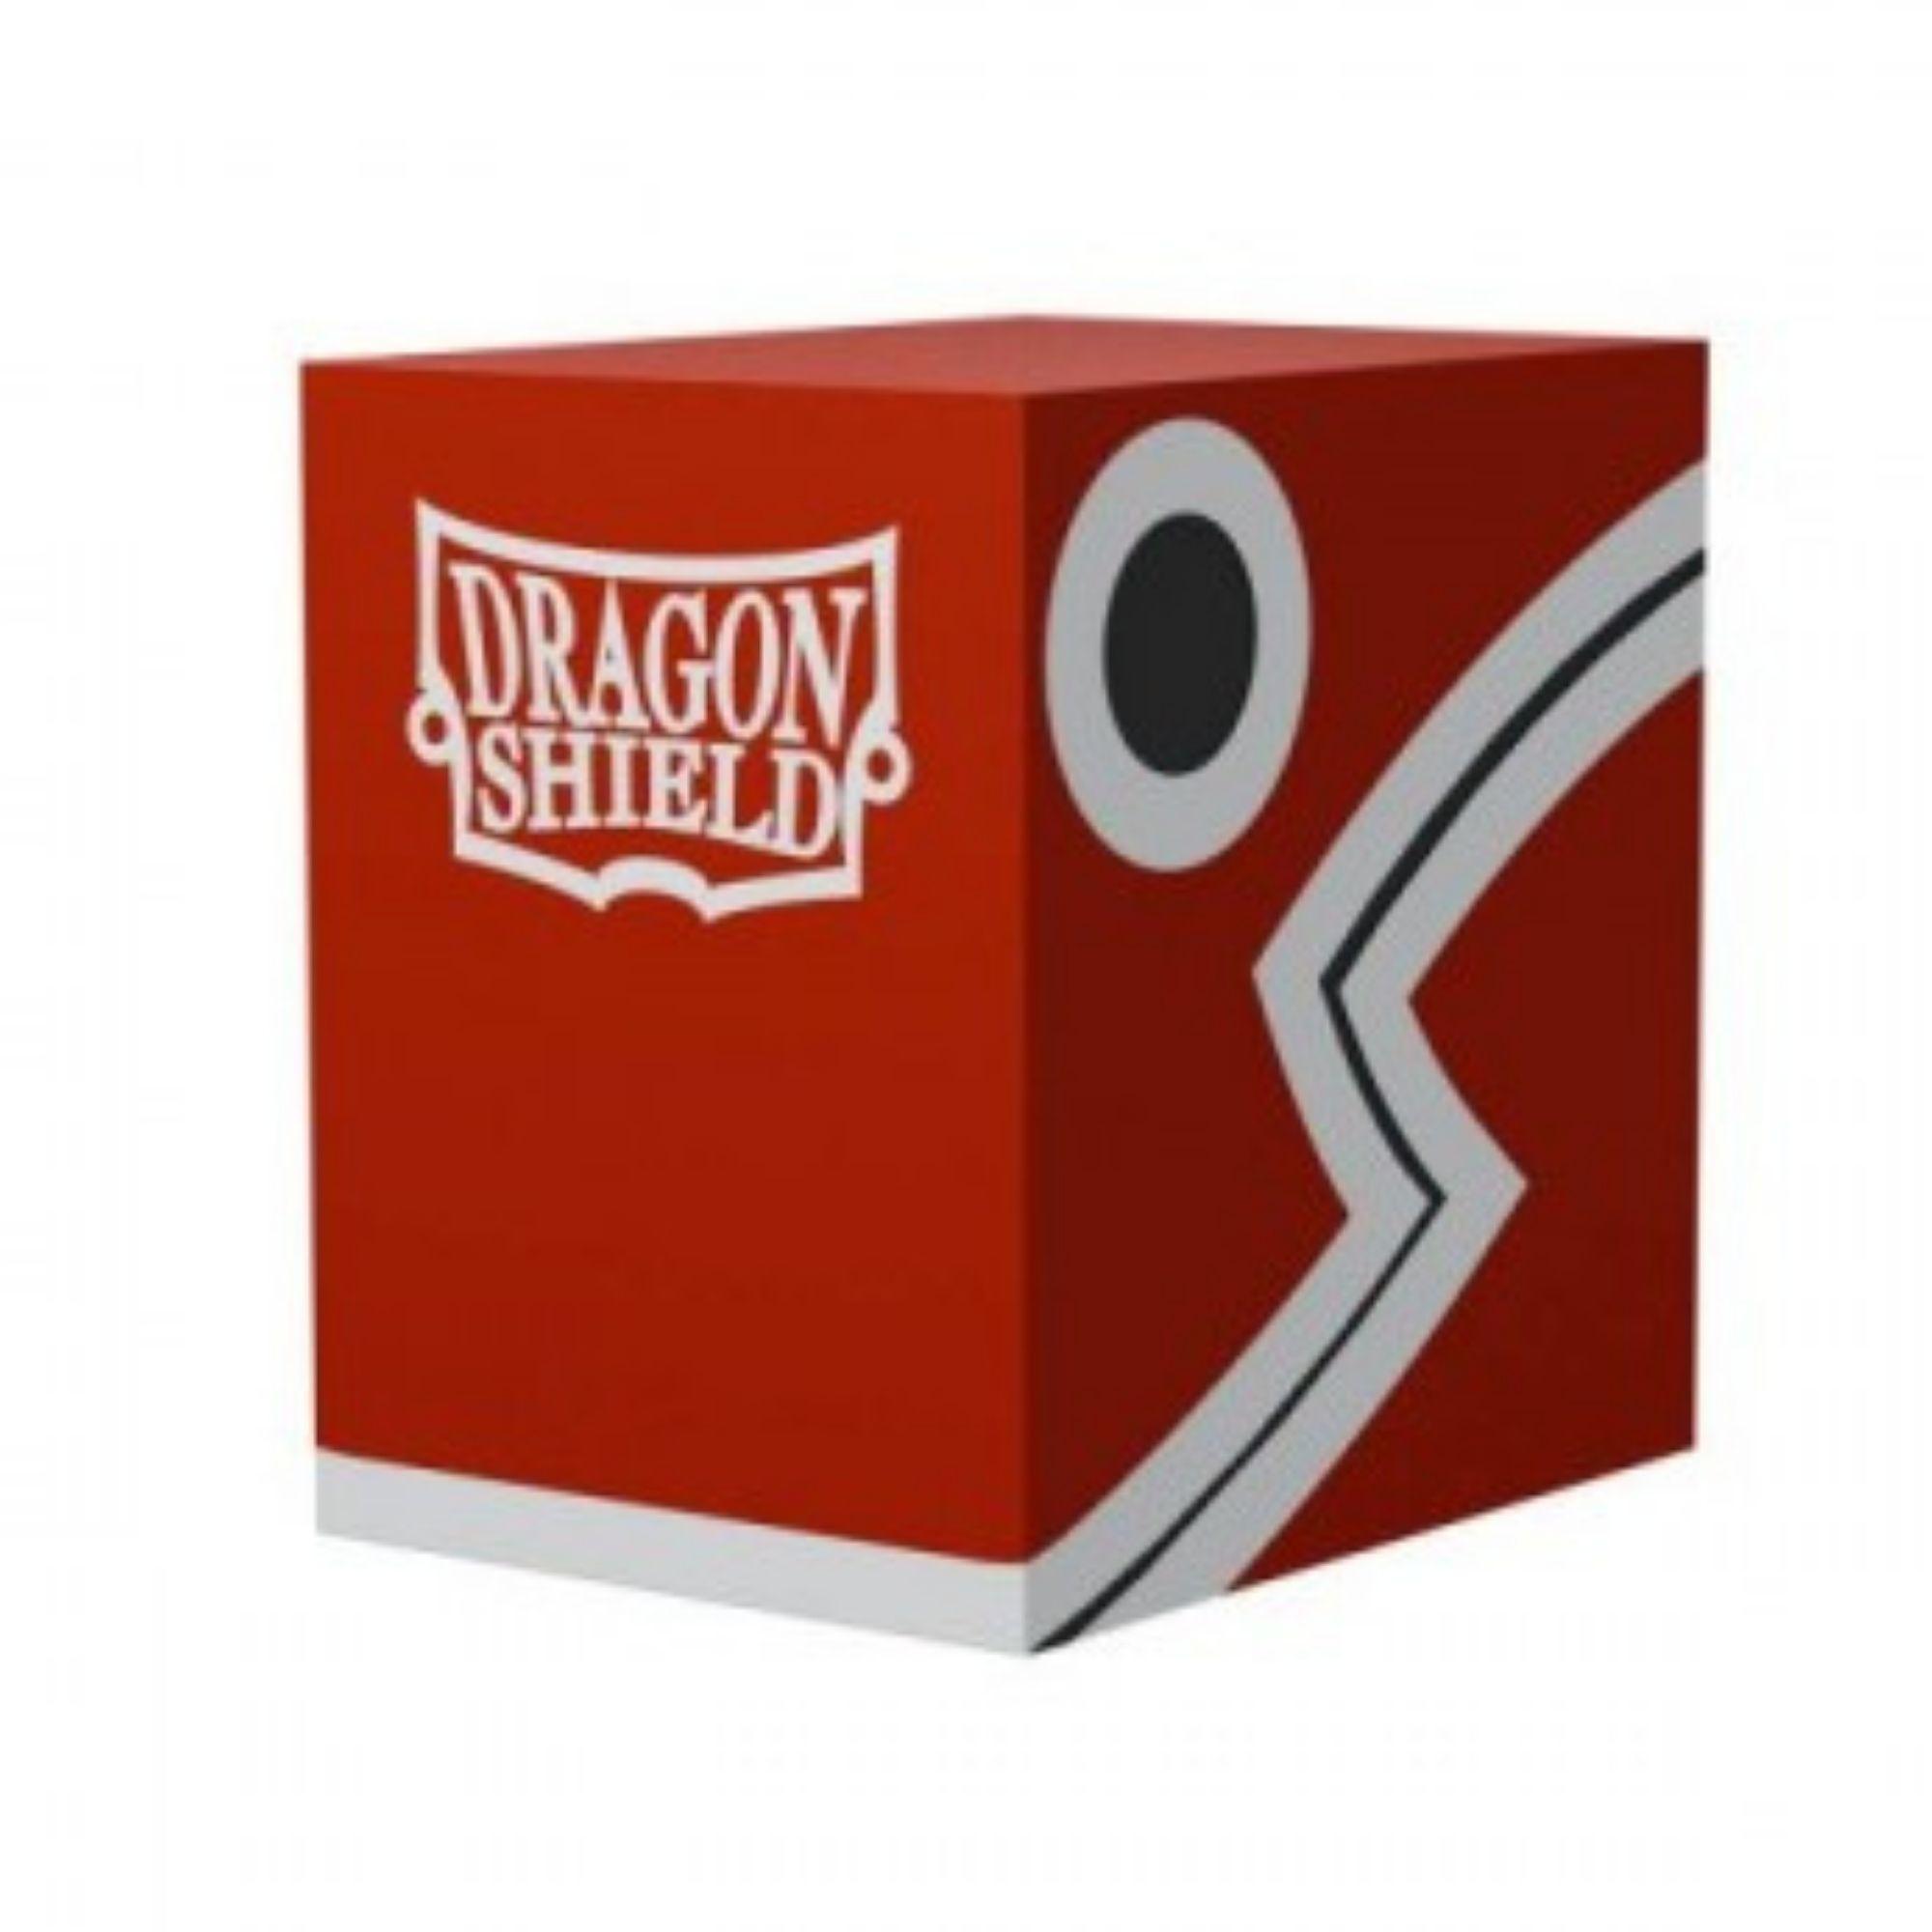 Deckbox Double Shell Vermelha 100+